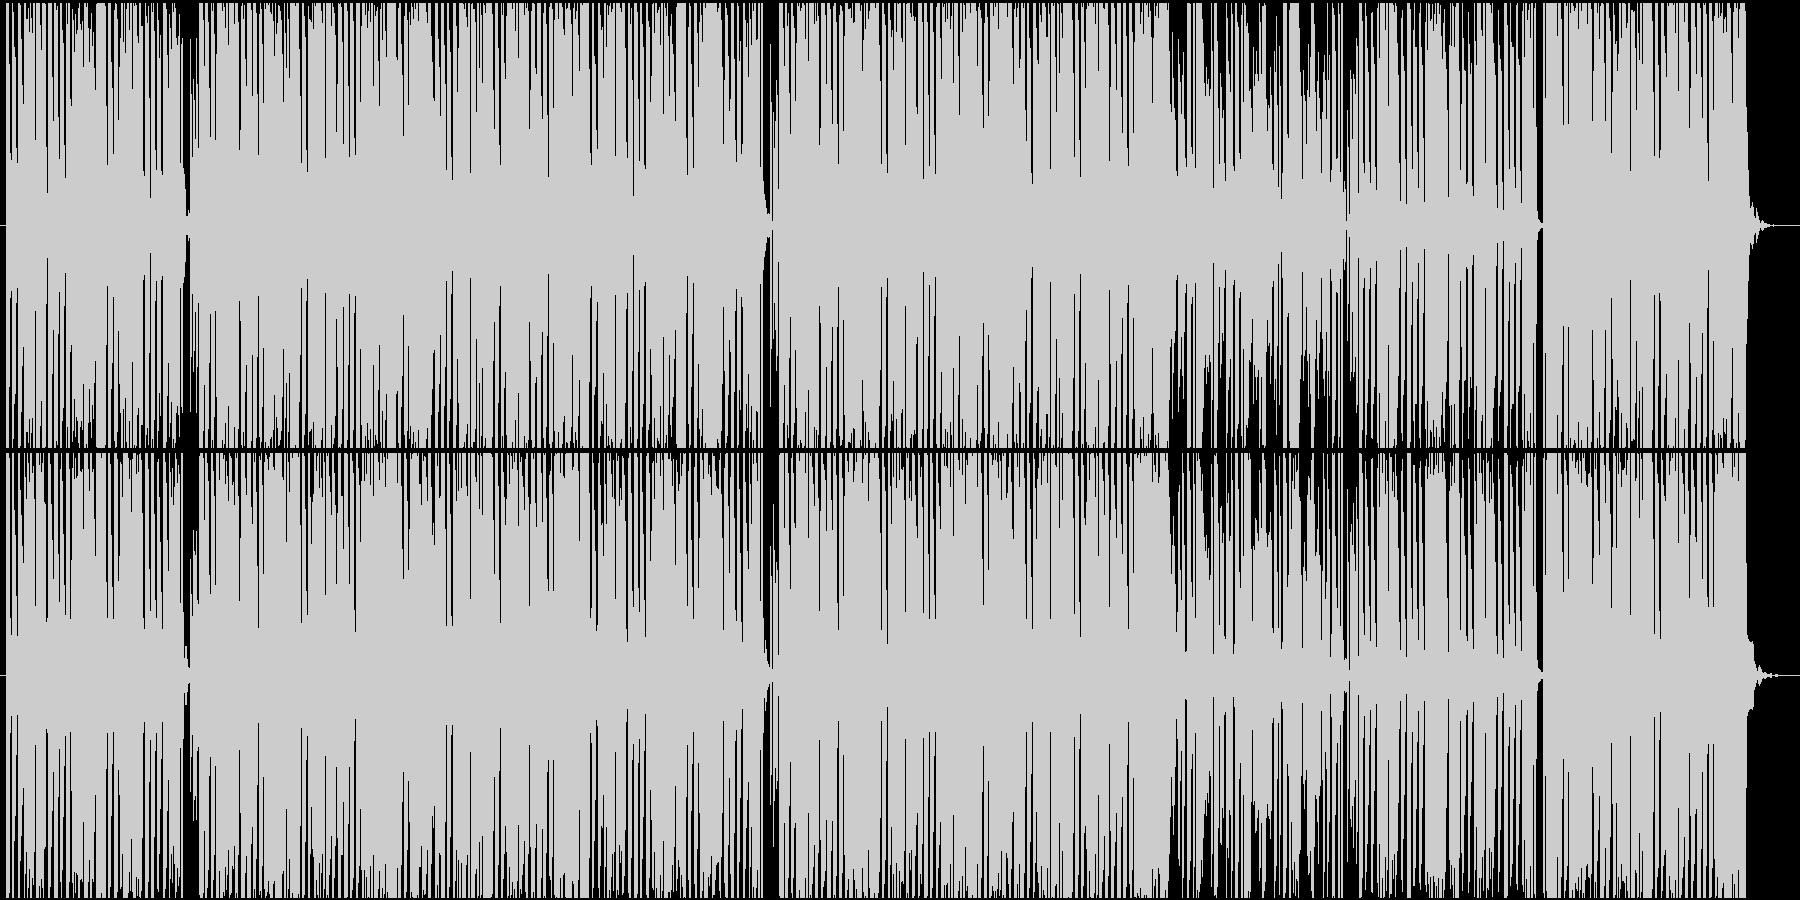 軽快でポップなテクノ楽曲 No.2の未再生の波形